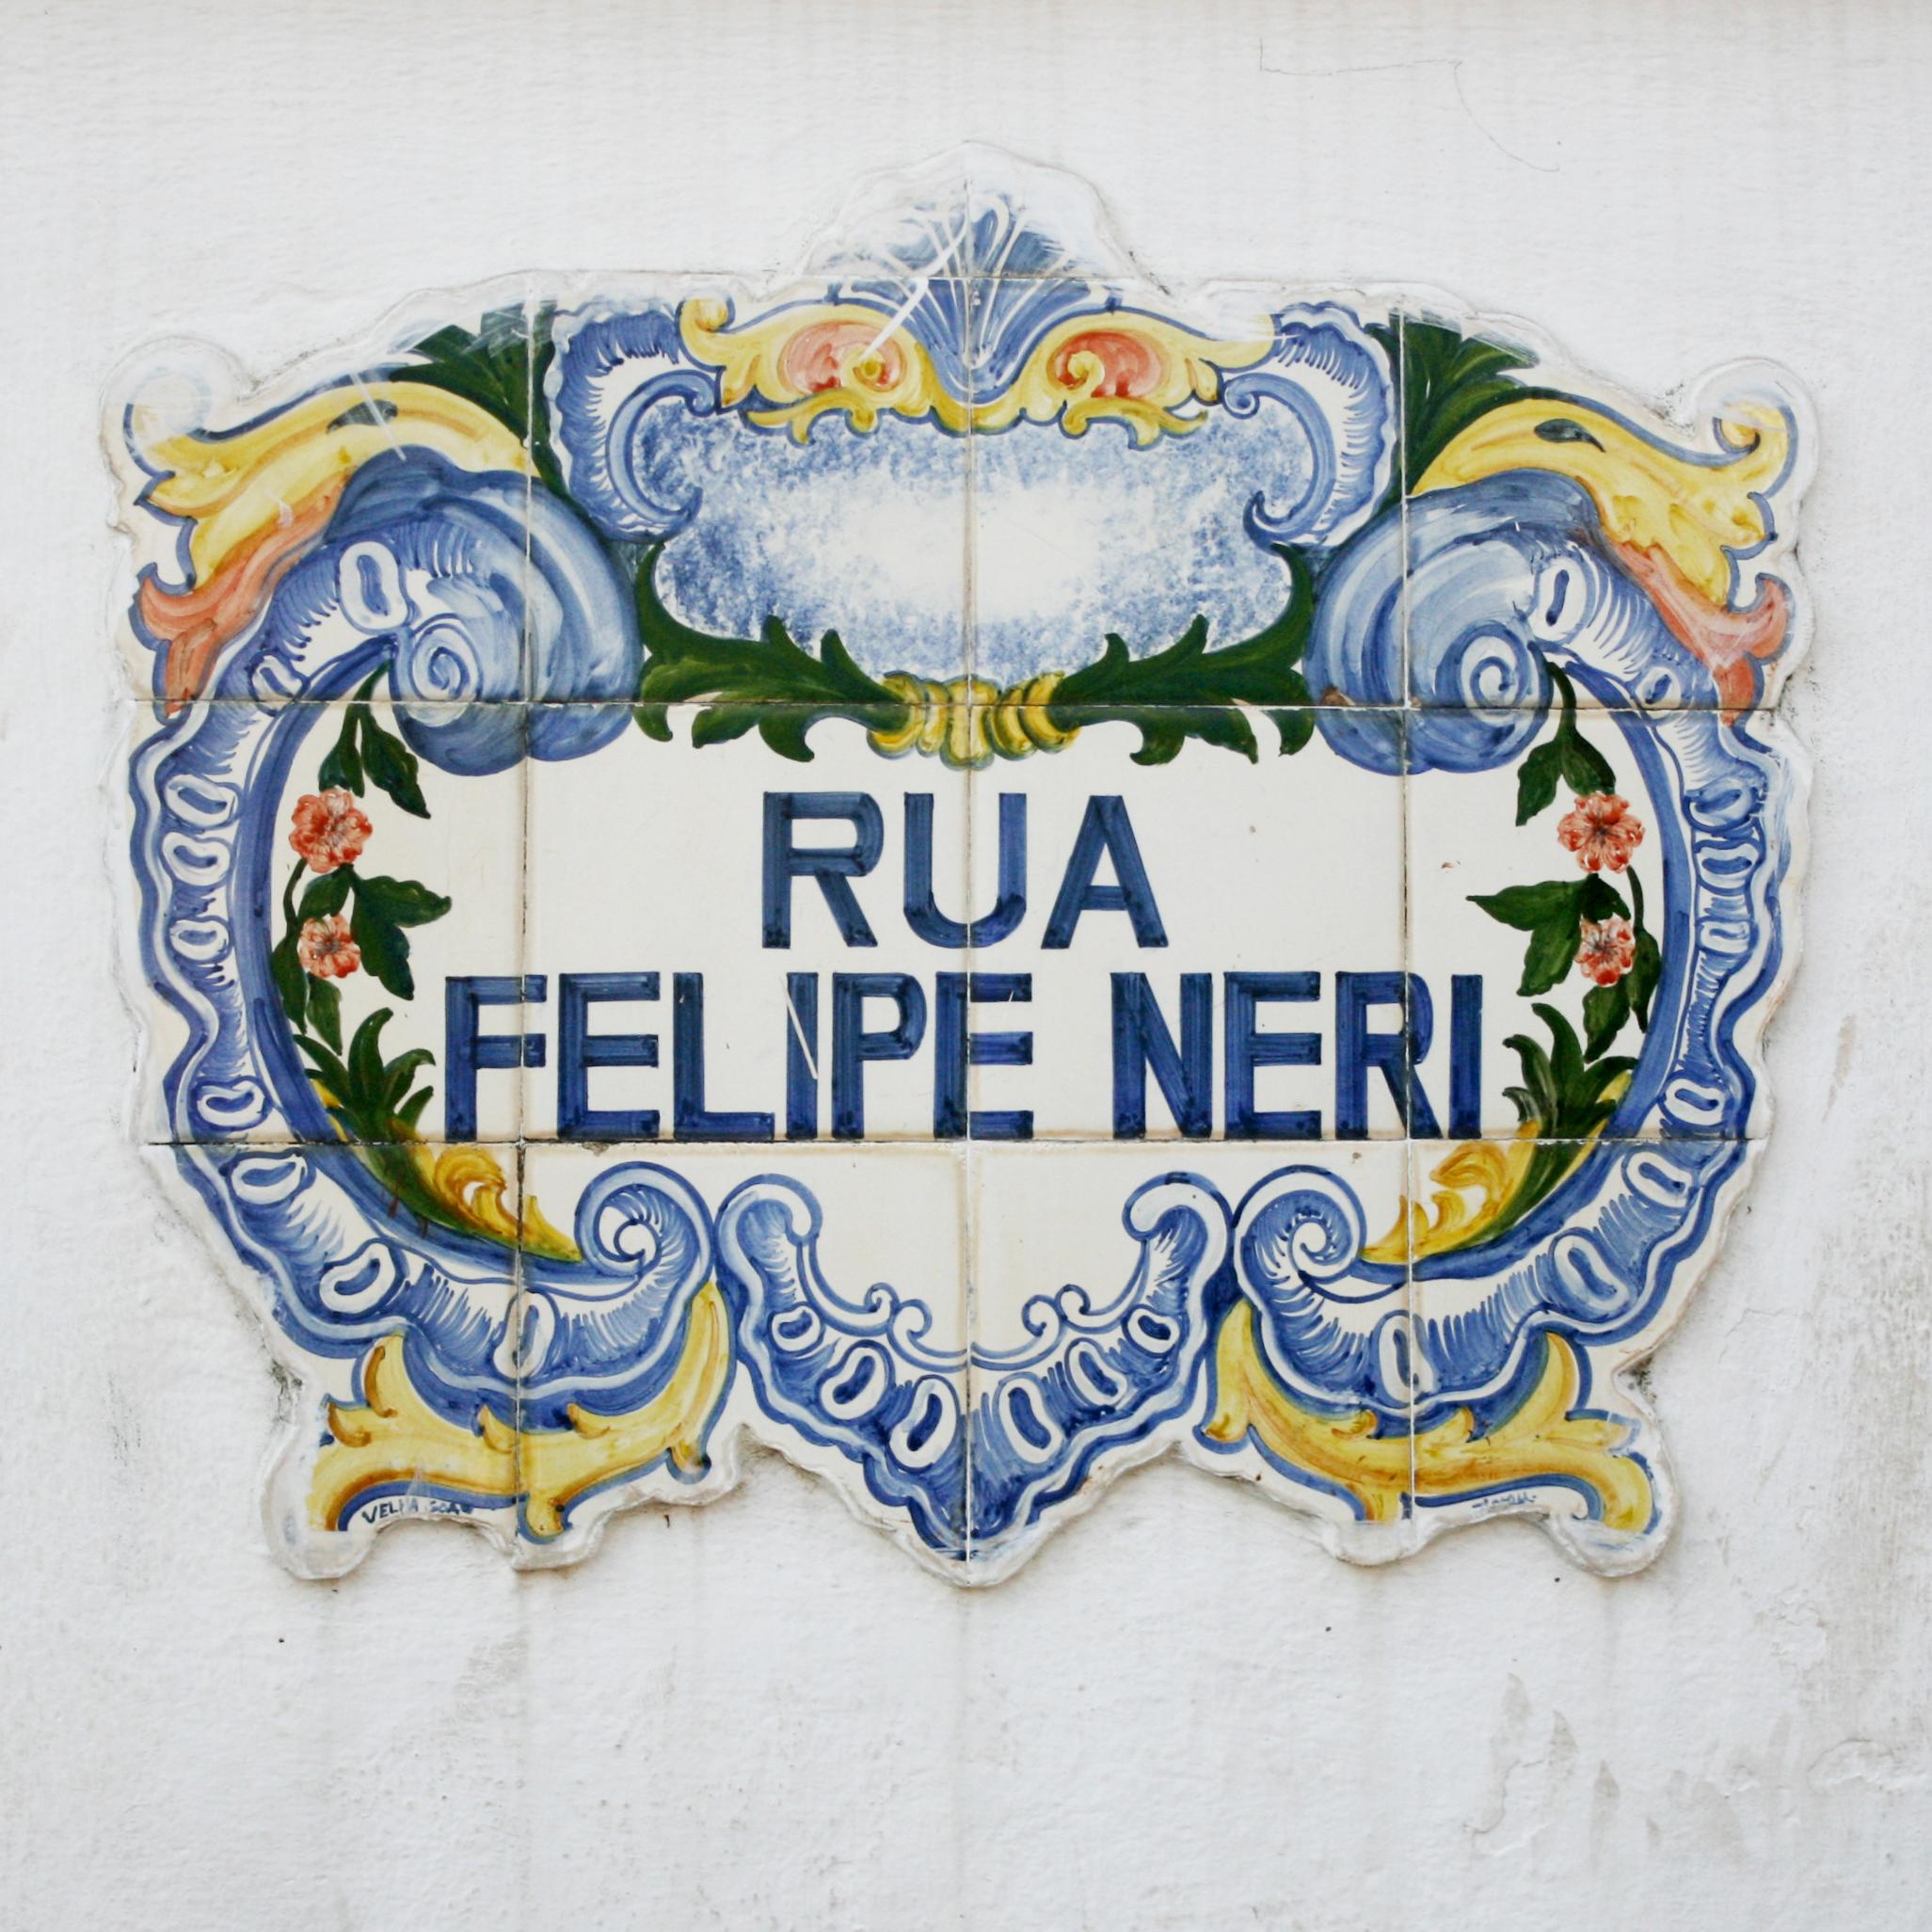 Rua Felipe Neri